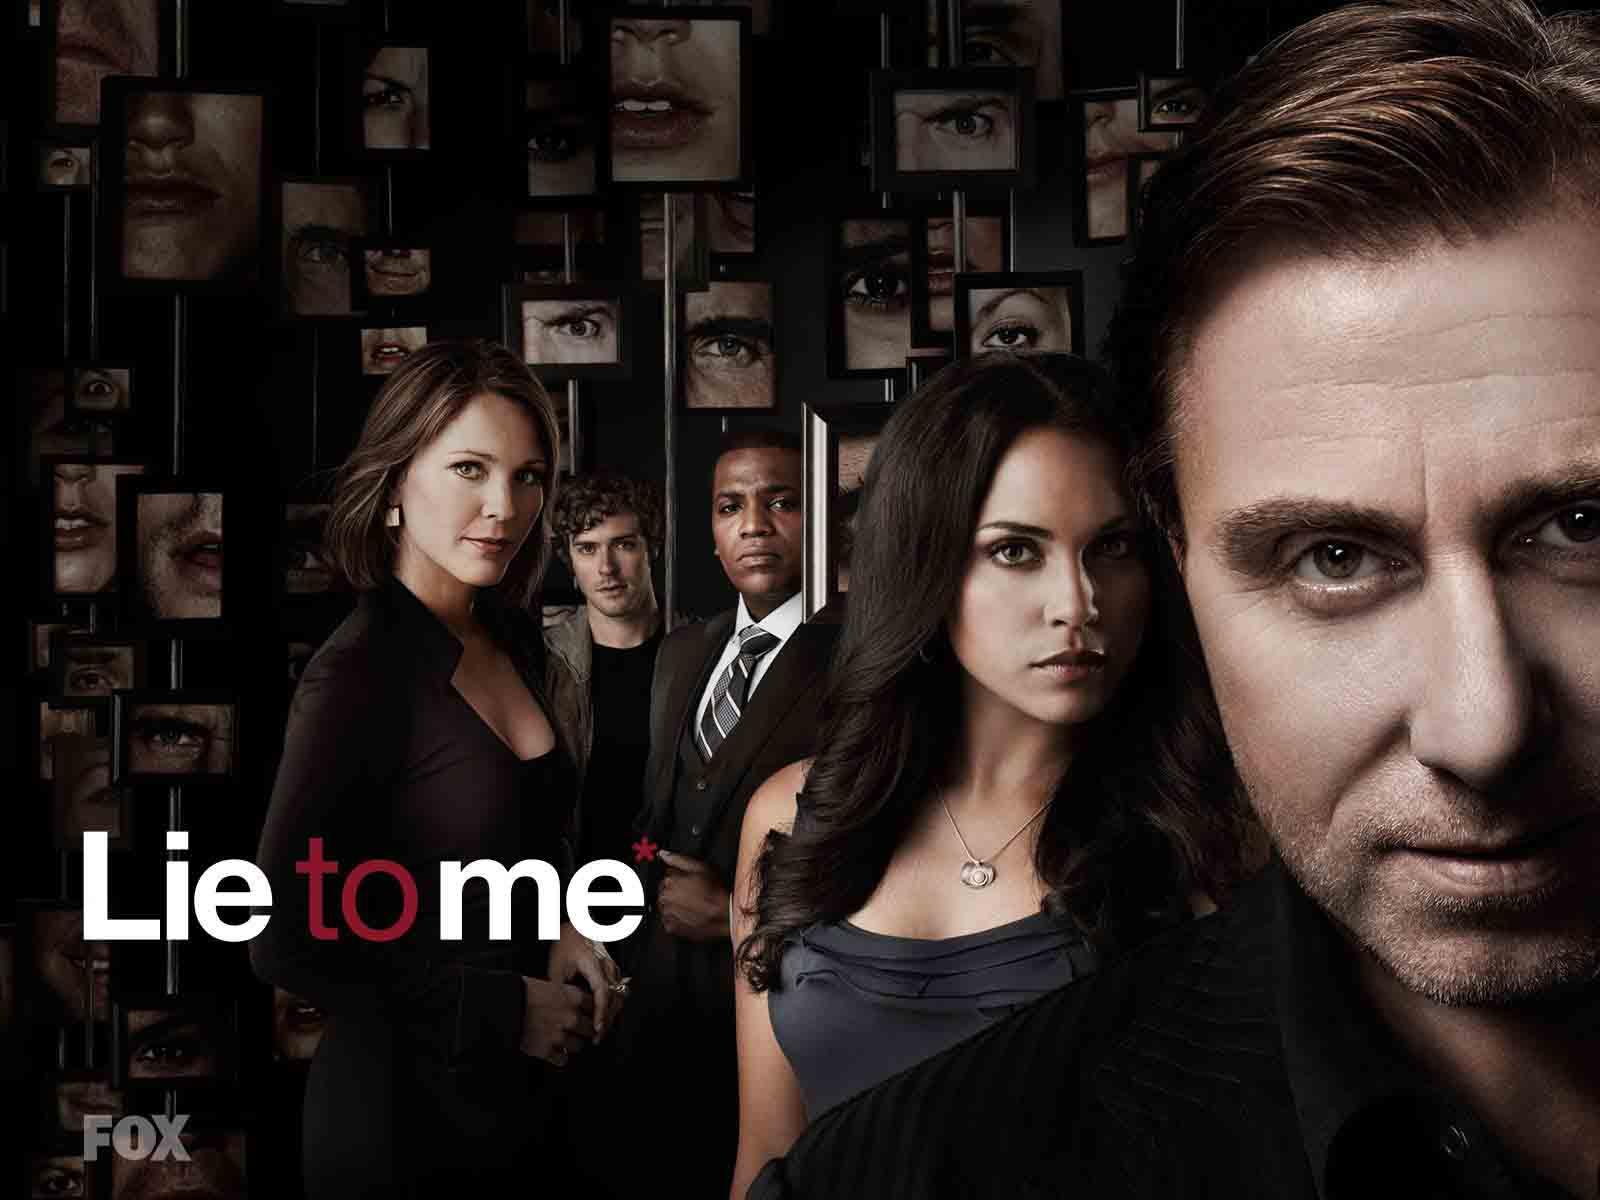 Serie Lie to me de Fox inspirada en el trabajo de Paul Ekman